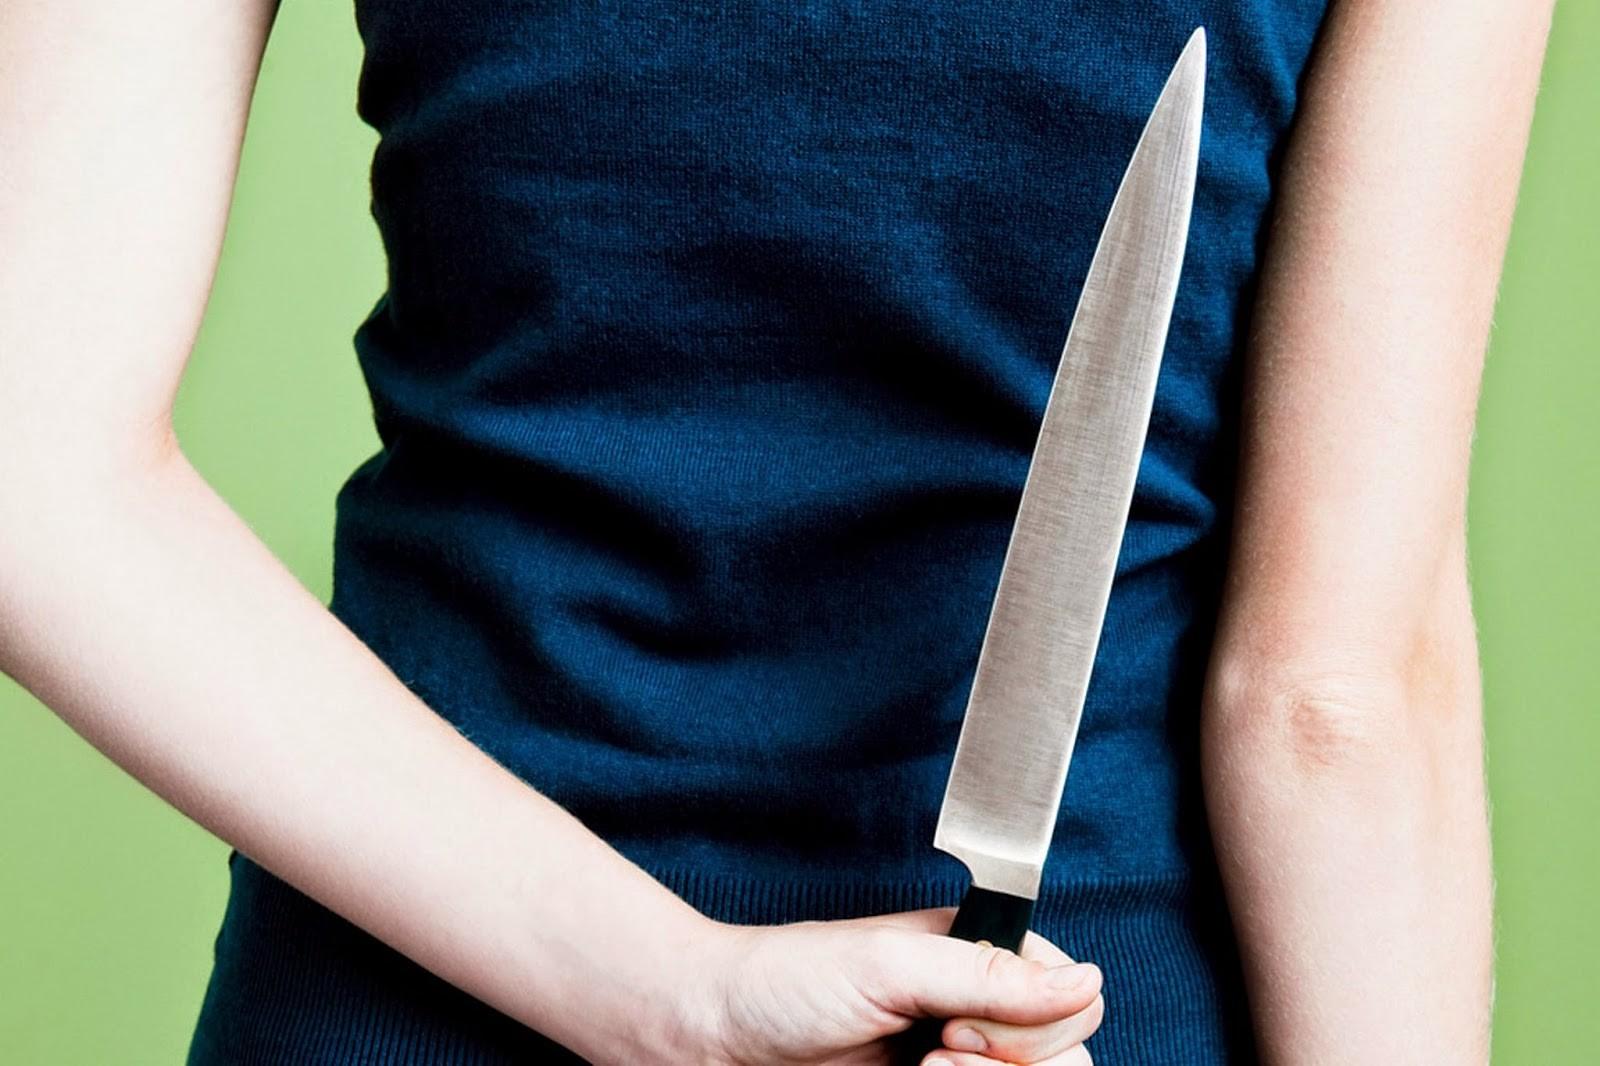 ВЧелябинске 35-летняя женщина ударила приятельницу ножом вгрудь